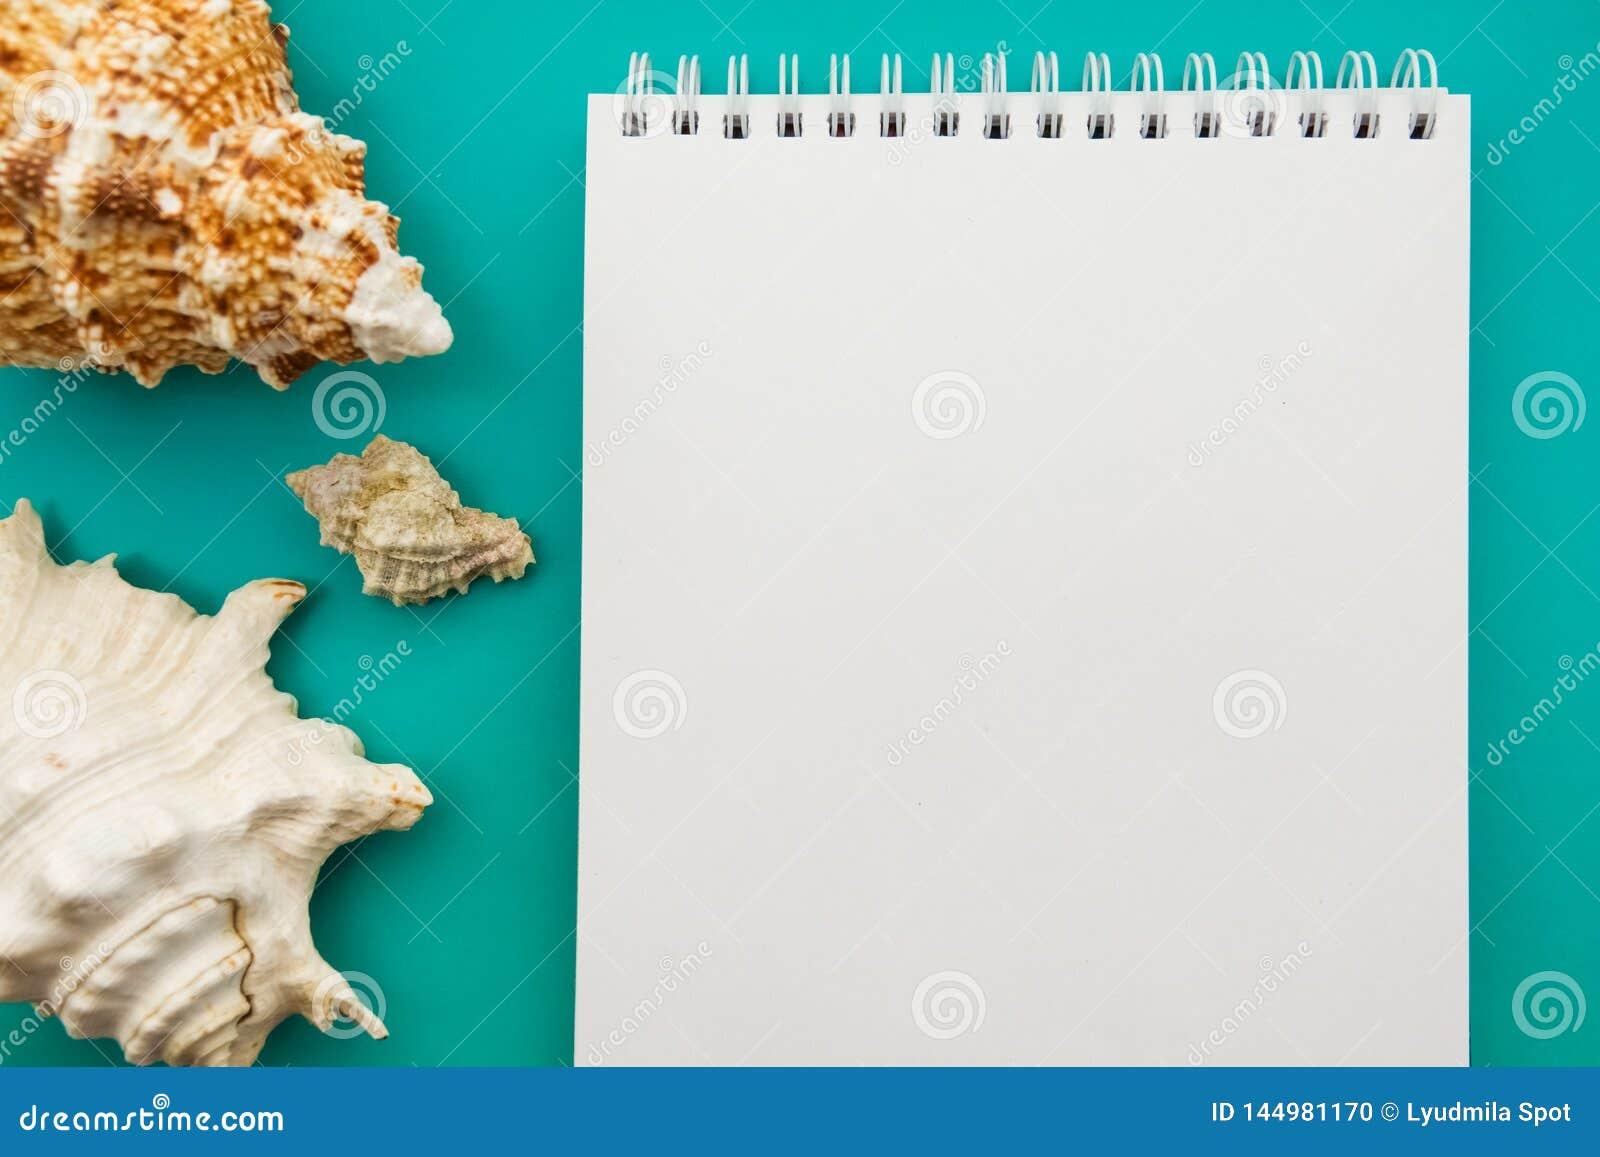 Ένα βιβλίο στις θαλάσσιες διακοσμήσεις Θέματα θάλασσας Διάθεση θάλασσας Μνήμες των διακοπών Λεύκωμα φωτογραφιών για τις διακοπές